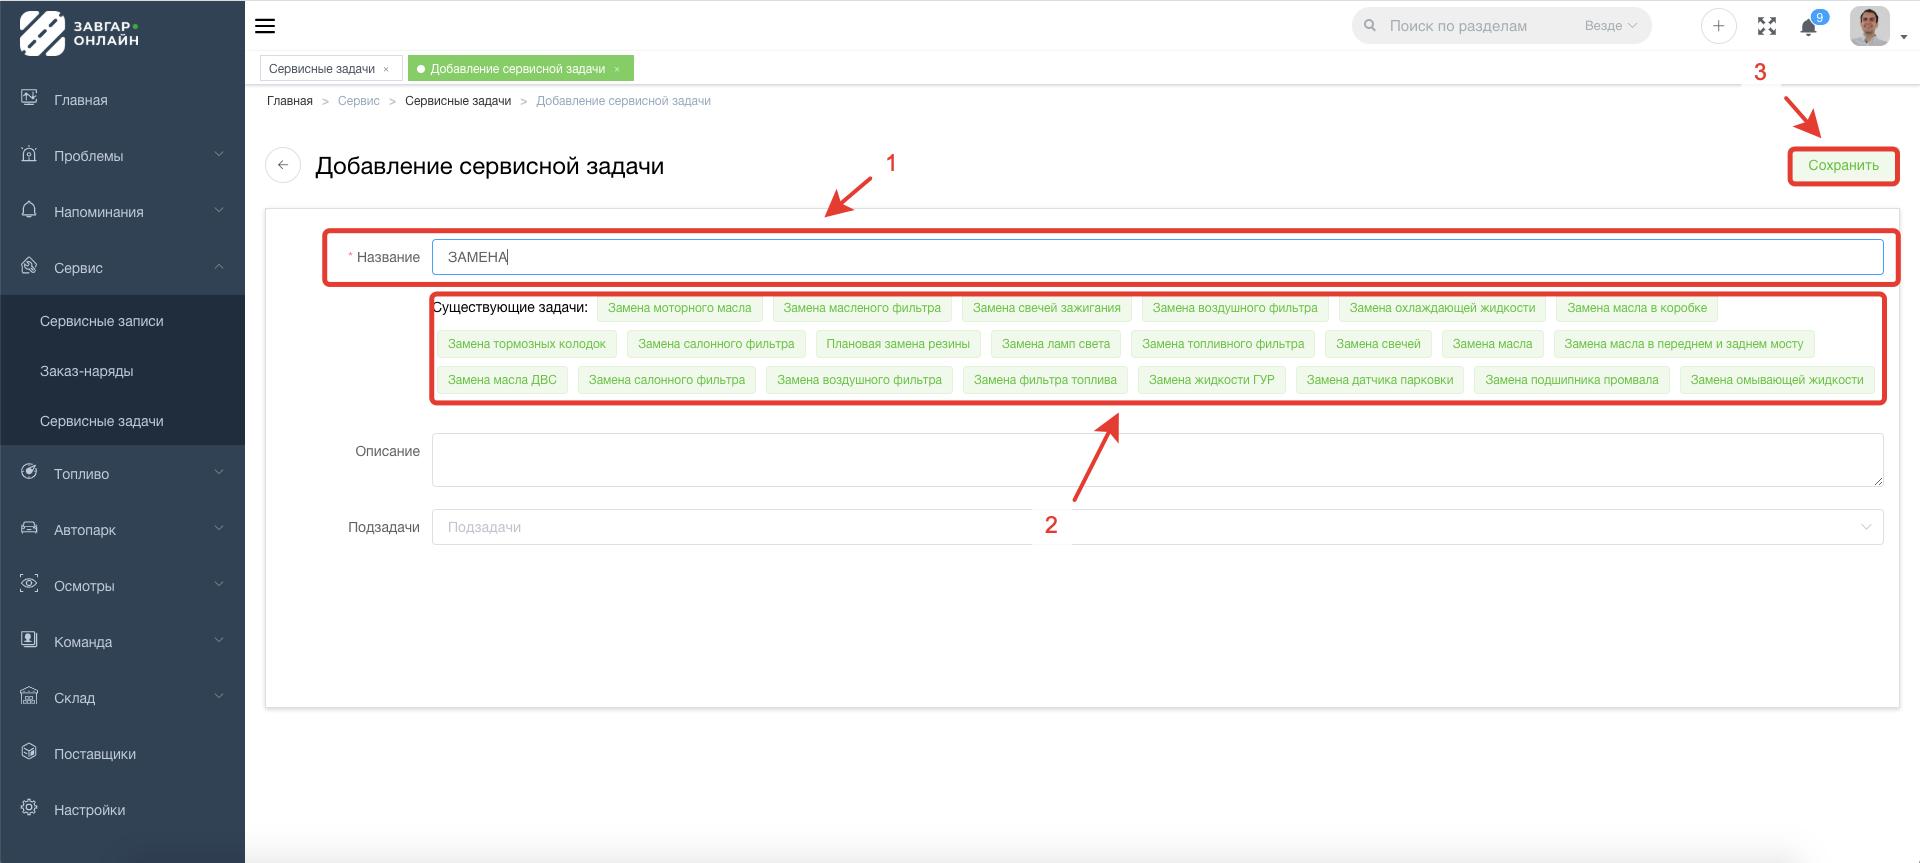 Дублирование сервисных записей в системе Завгар Онлайн